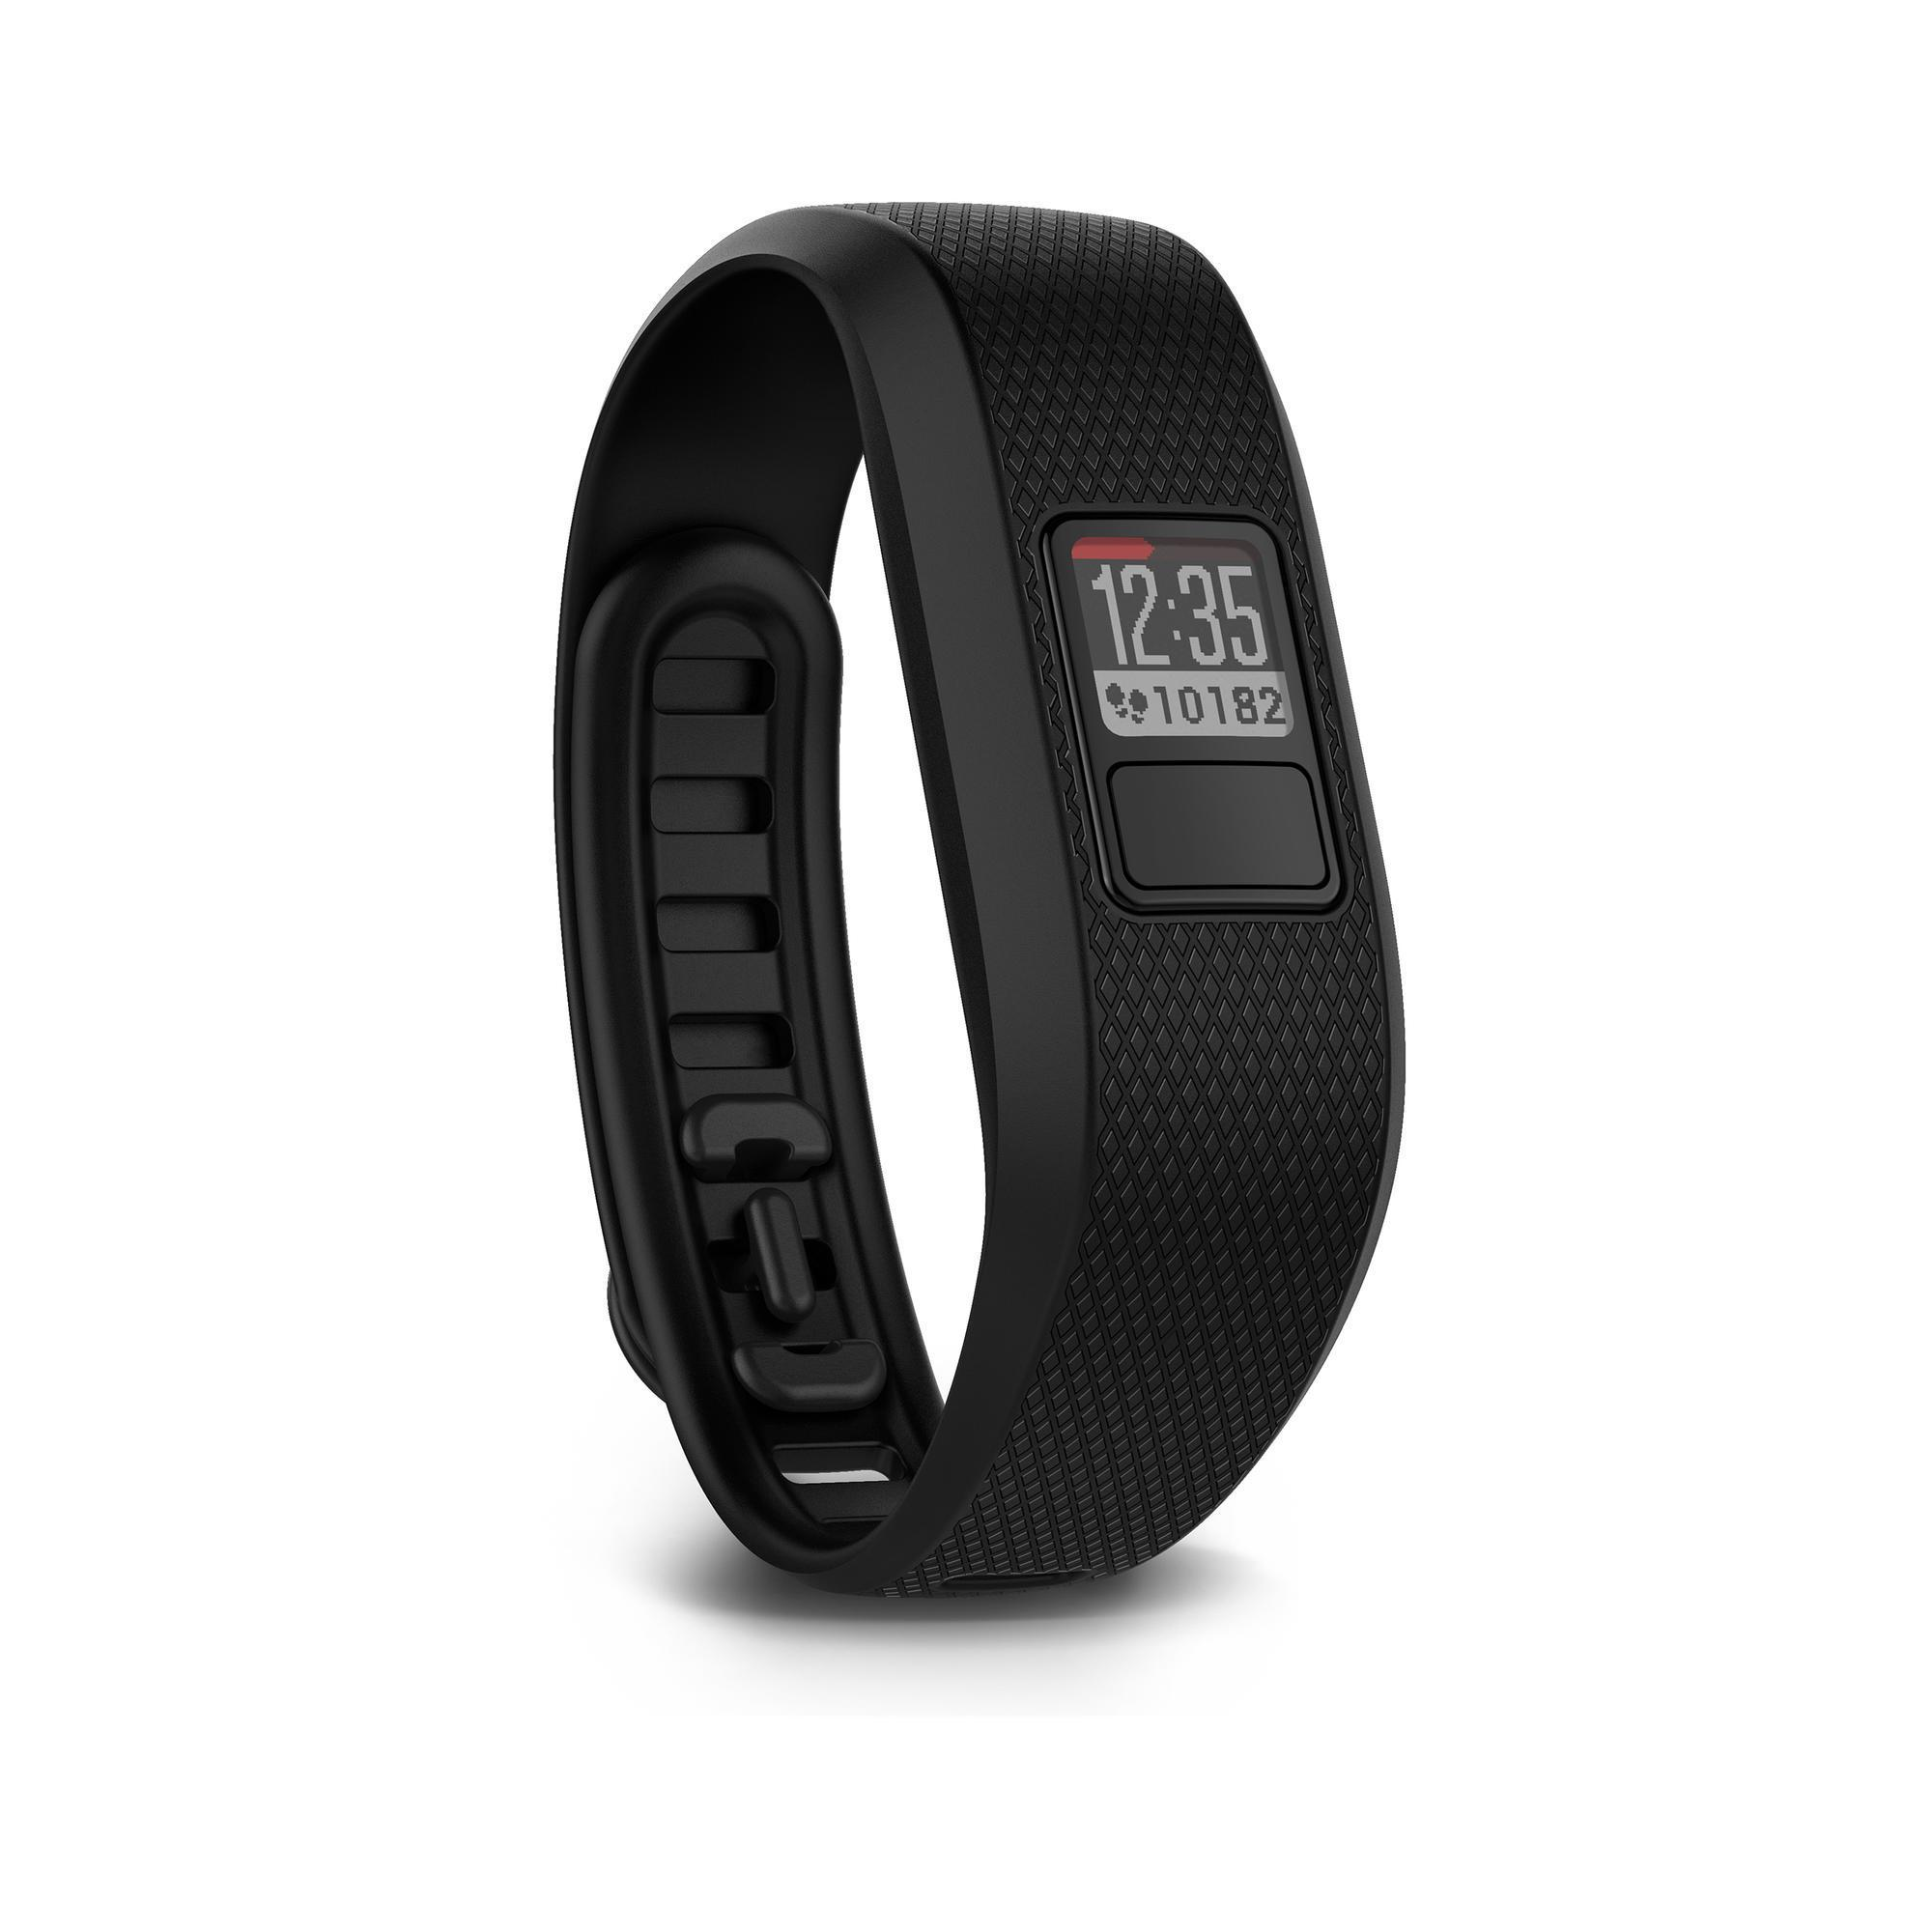 Fitnessarmband Vivofit 3 schwarz | Schmuck > Armbänder > Fitness-Armbänder | Garmin